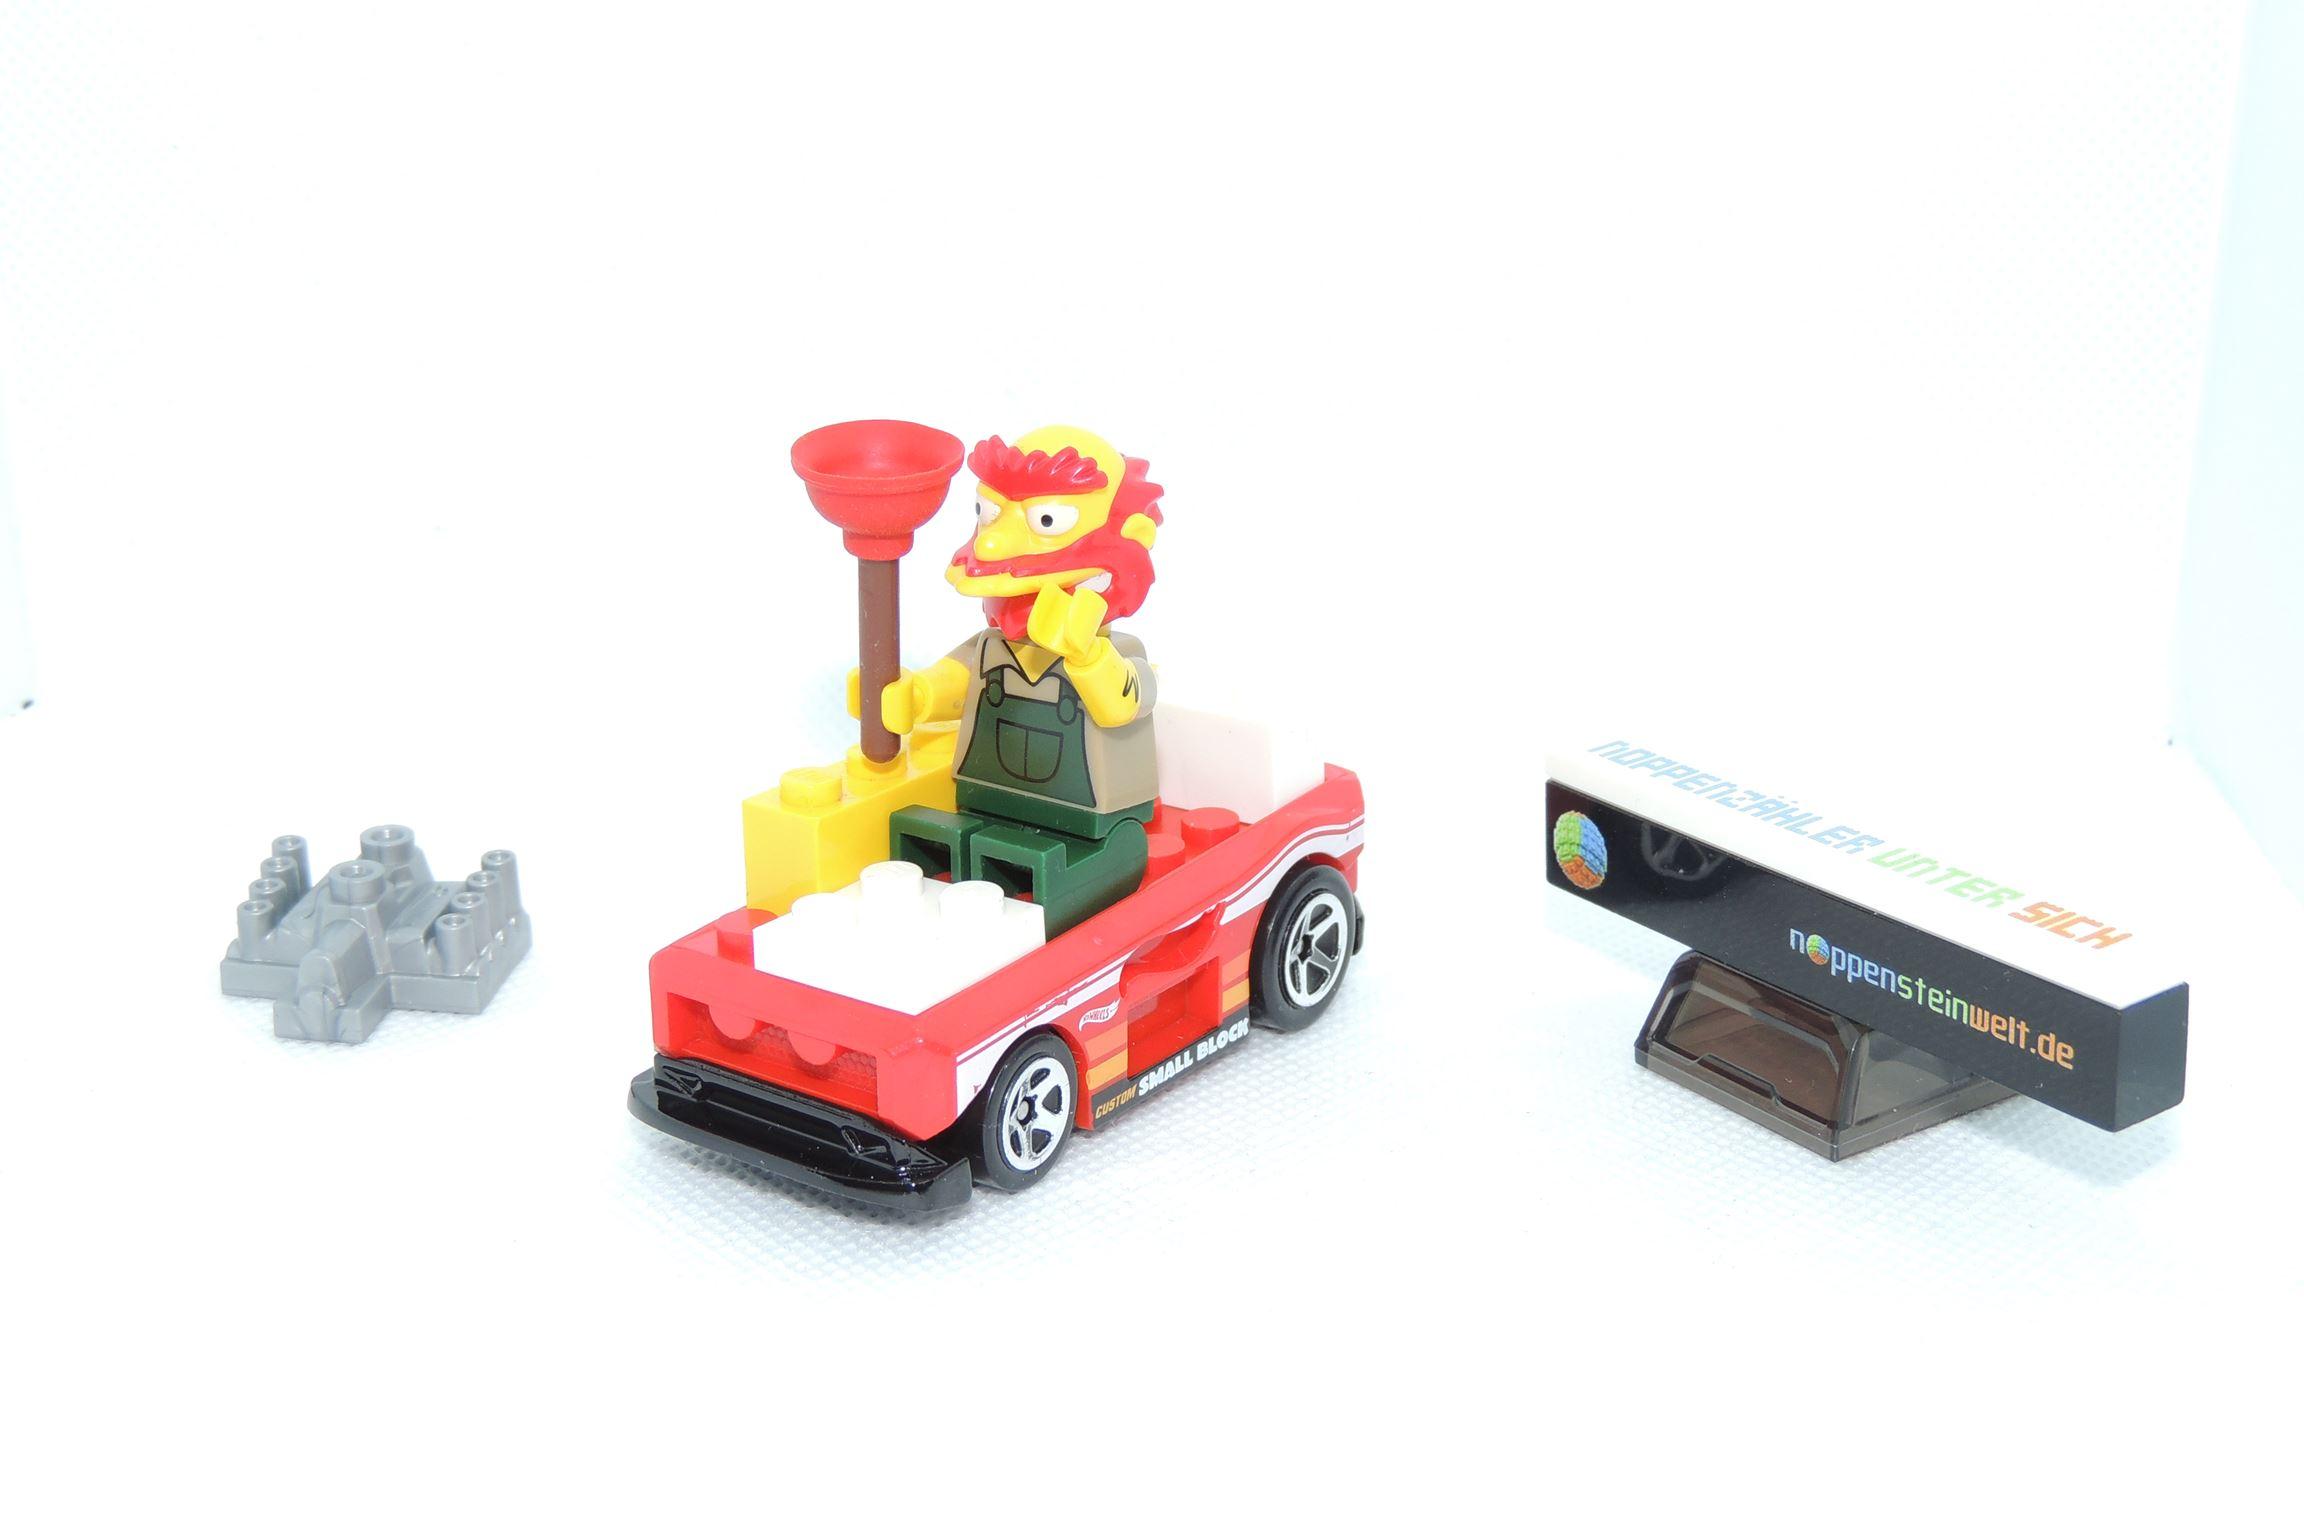 2×2 von Cobi, 1×6 von Lego und 1×2 von Qman, sowie 1×8 (Forenbrick) von Lego.